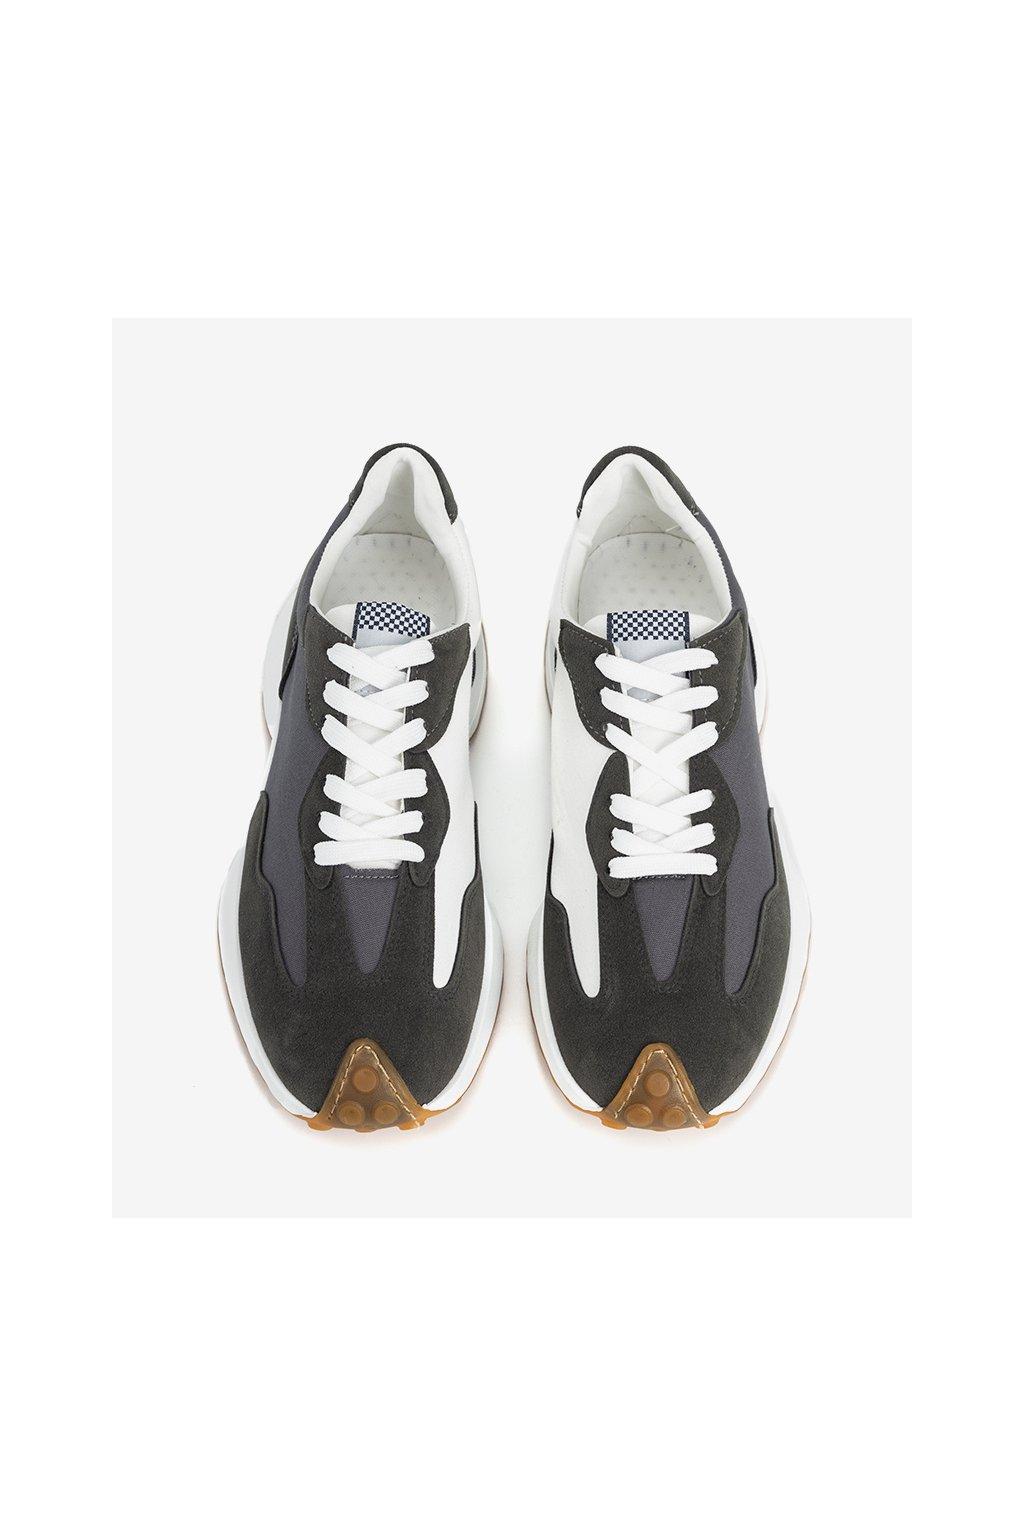 Pánske topánky tenisky sivé kód RJ113-26 - GM